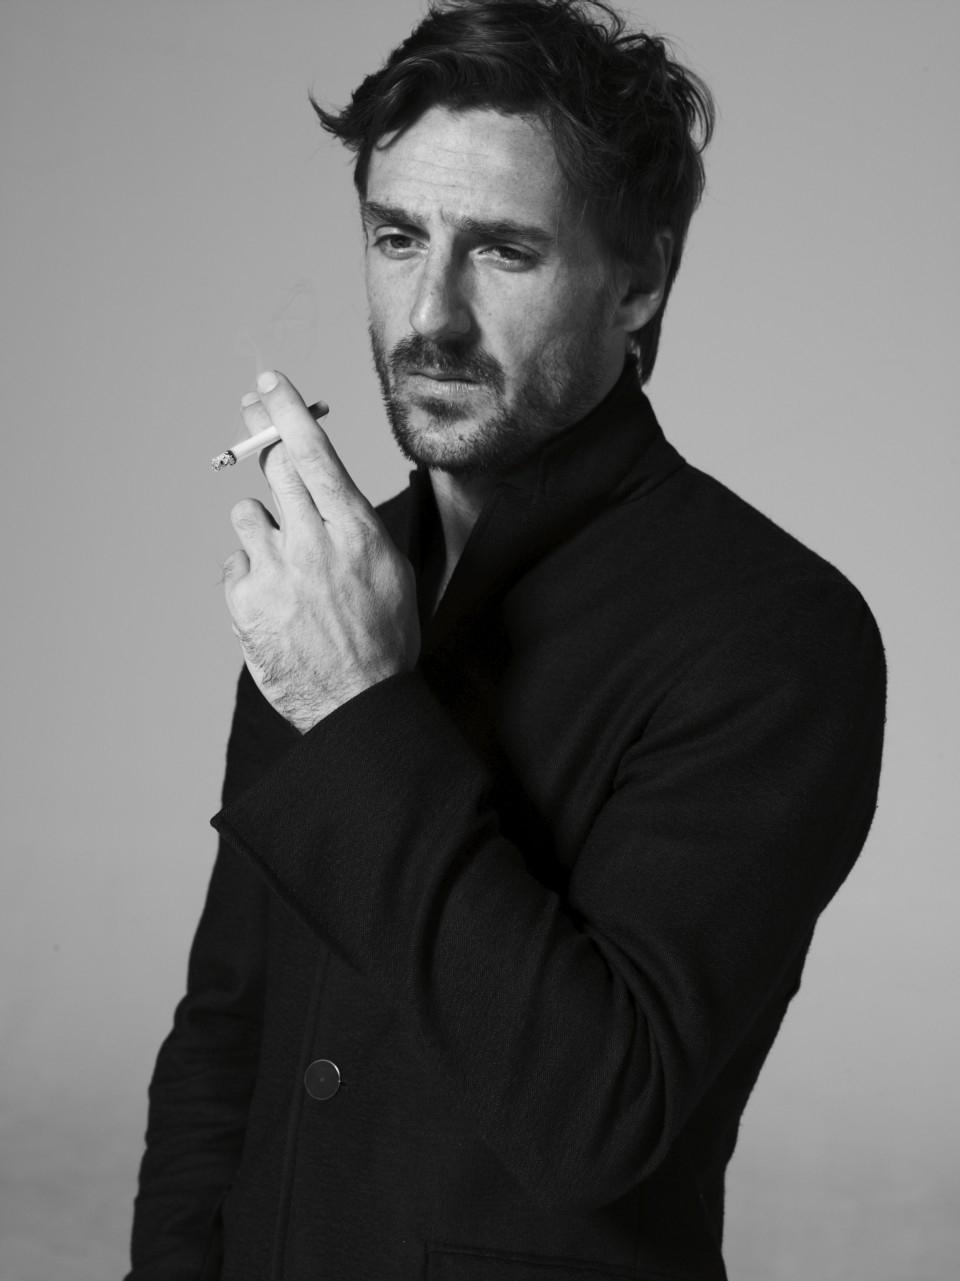 Richard Keep